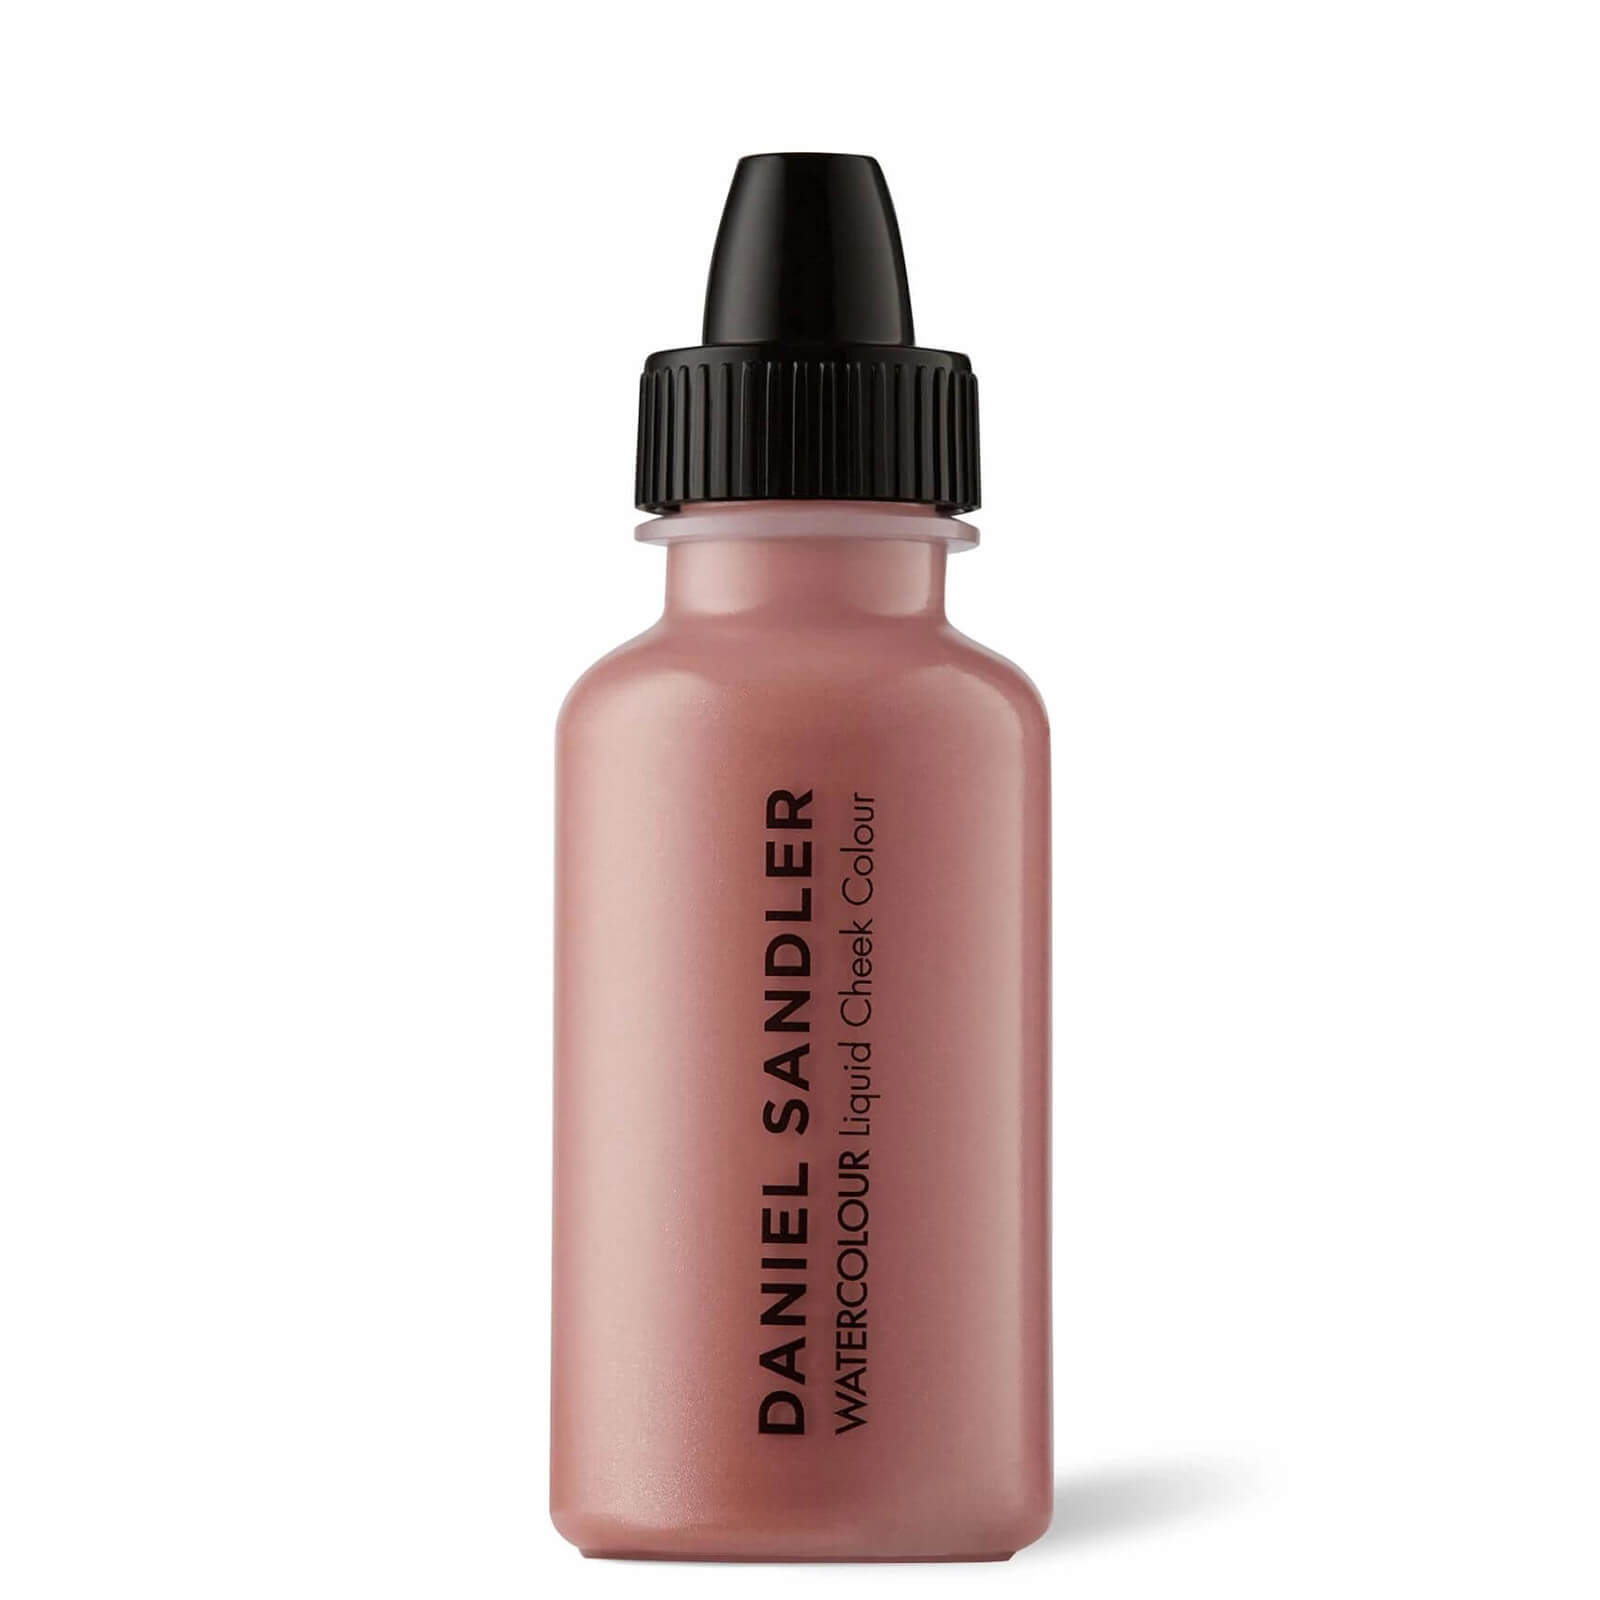 Купить Жидкие румяна Daniel Sandler Watercolour Fluid Blusher 15 мл (различные оттенки) - Angel